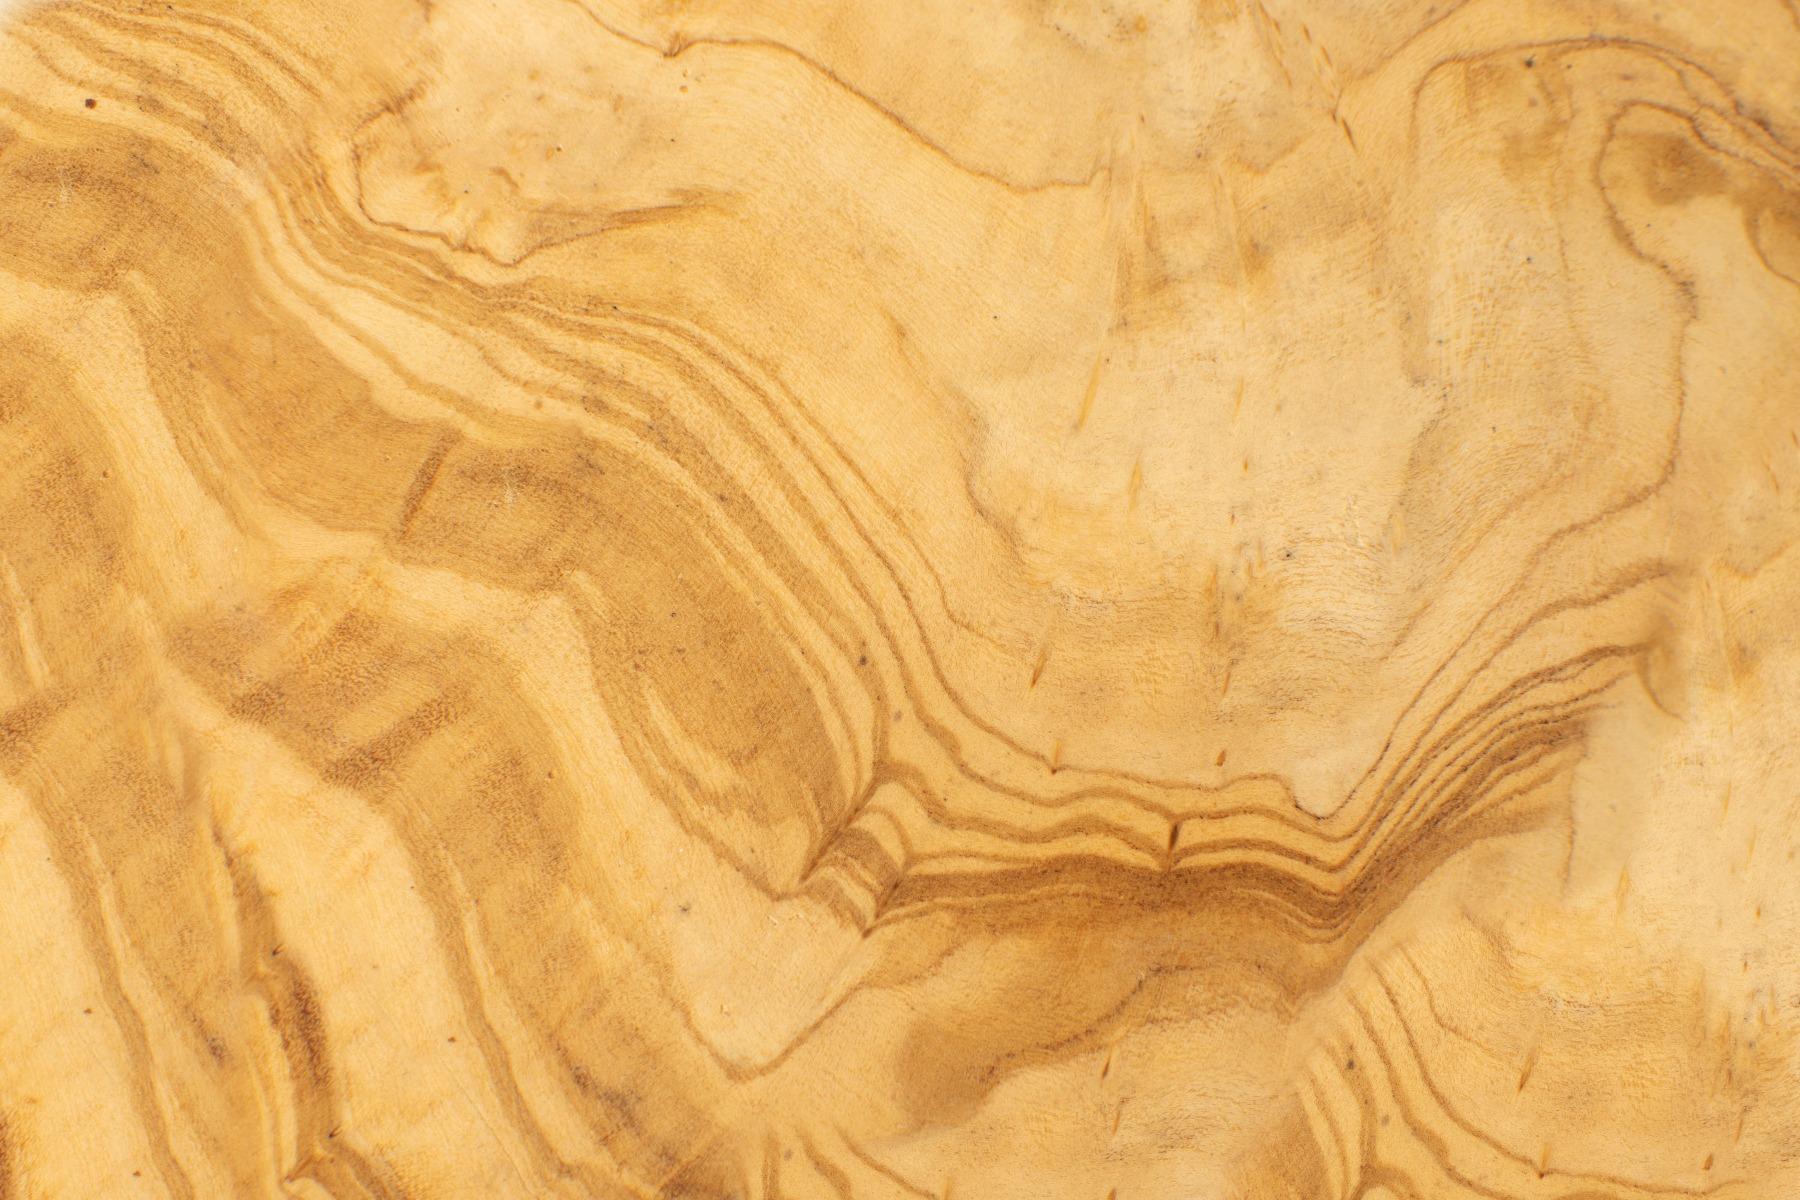 Das Bild zeigt die Struktur von Massivholz.